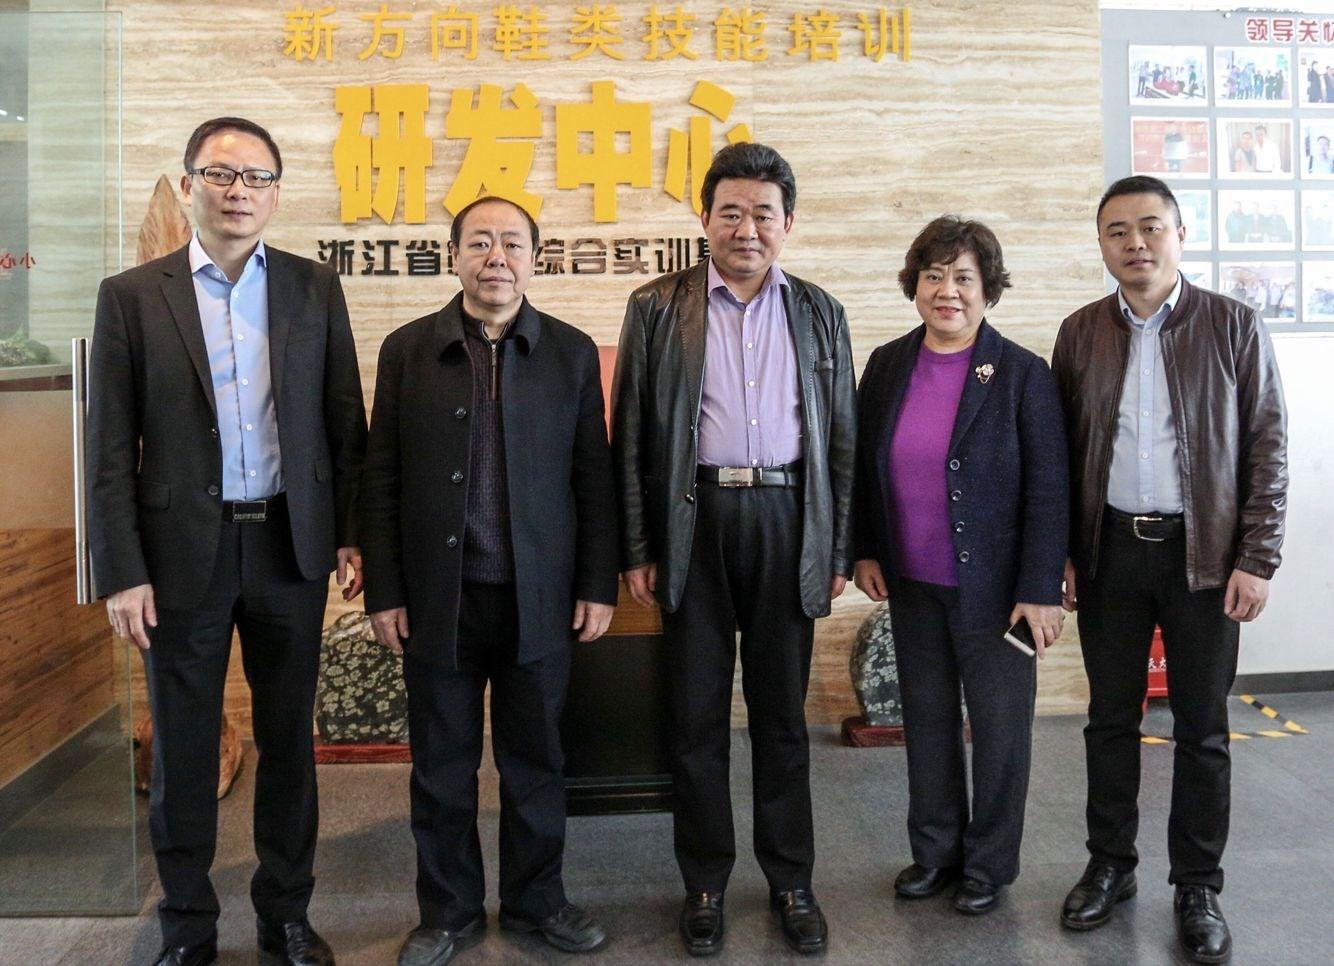 中国皮革协会理事长来校参观指导